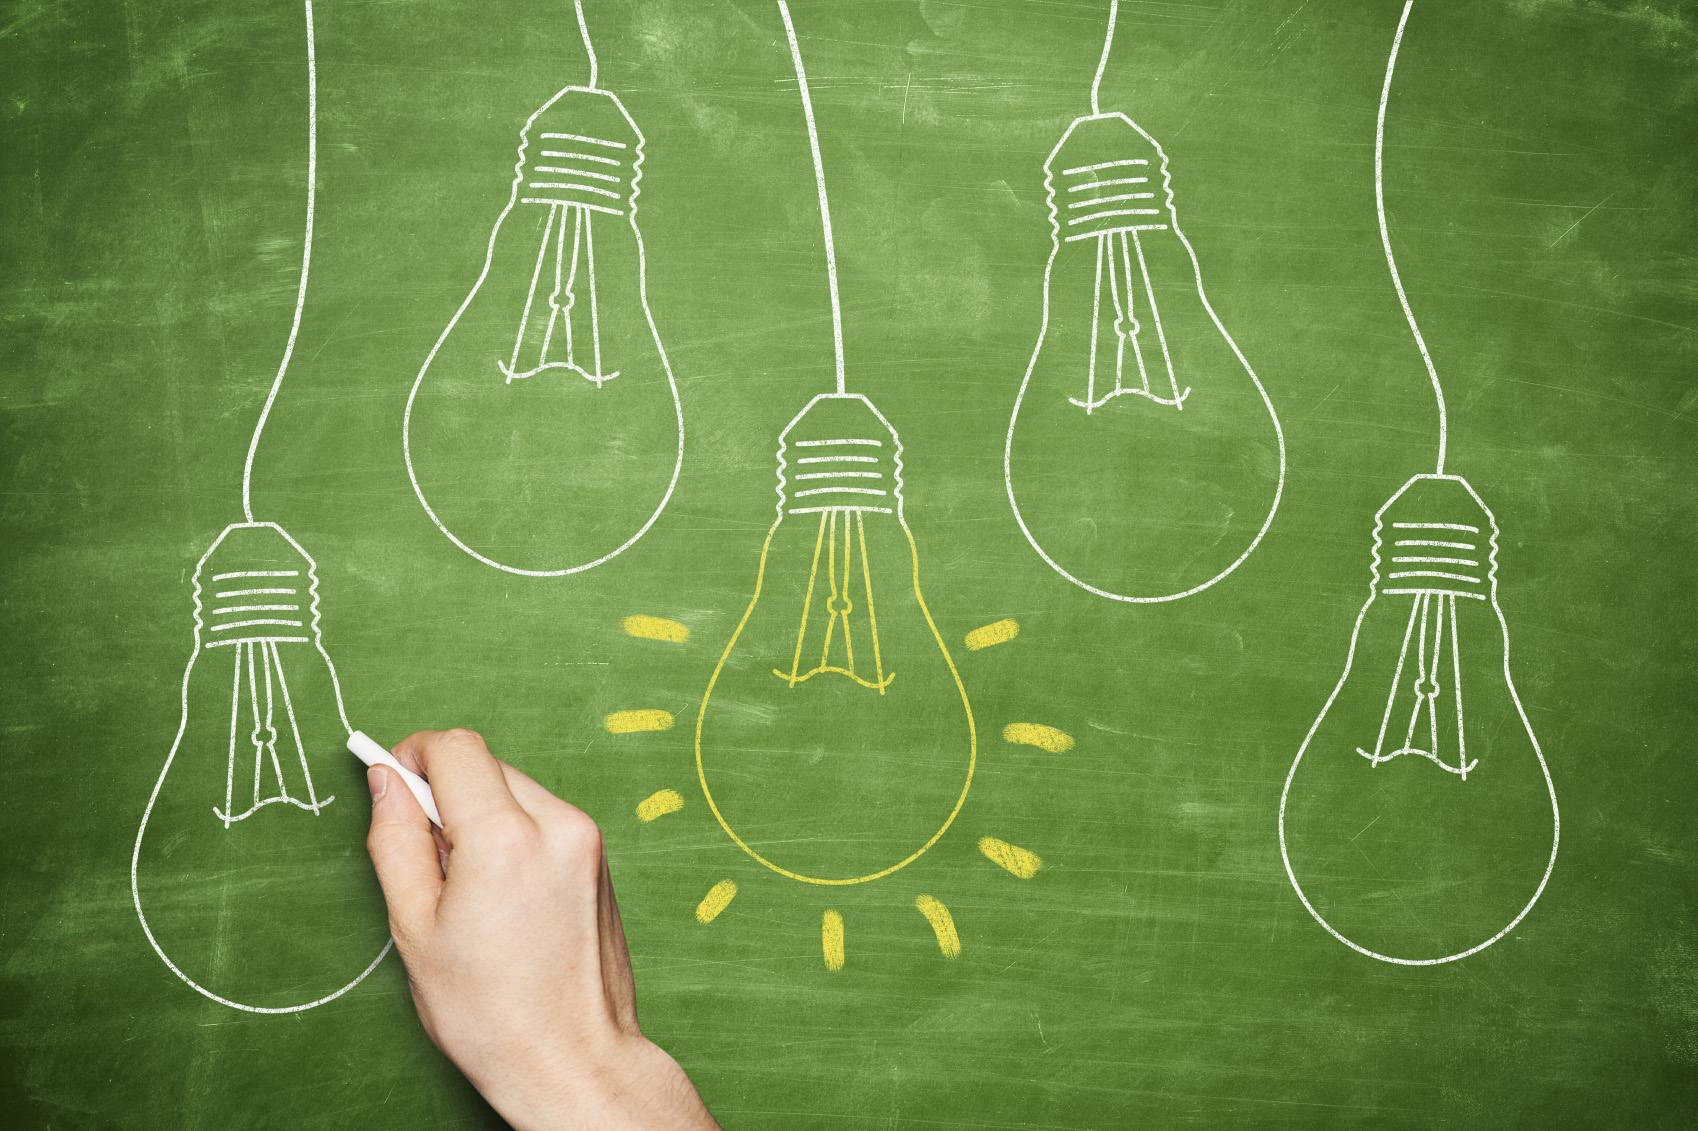 تغییر رویه به اقتصاد دانش بنیان